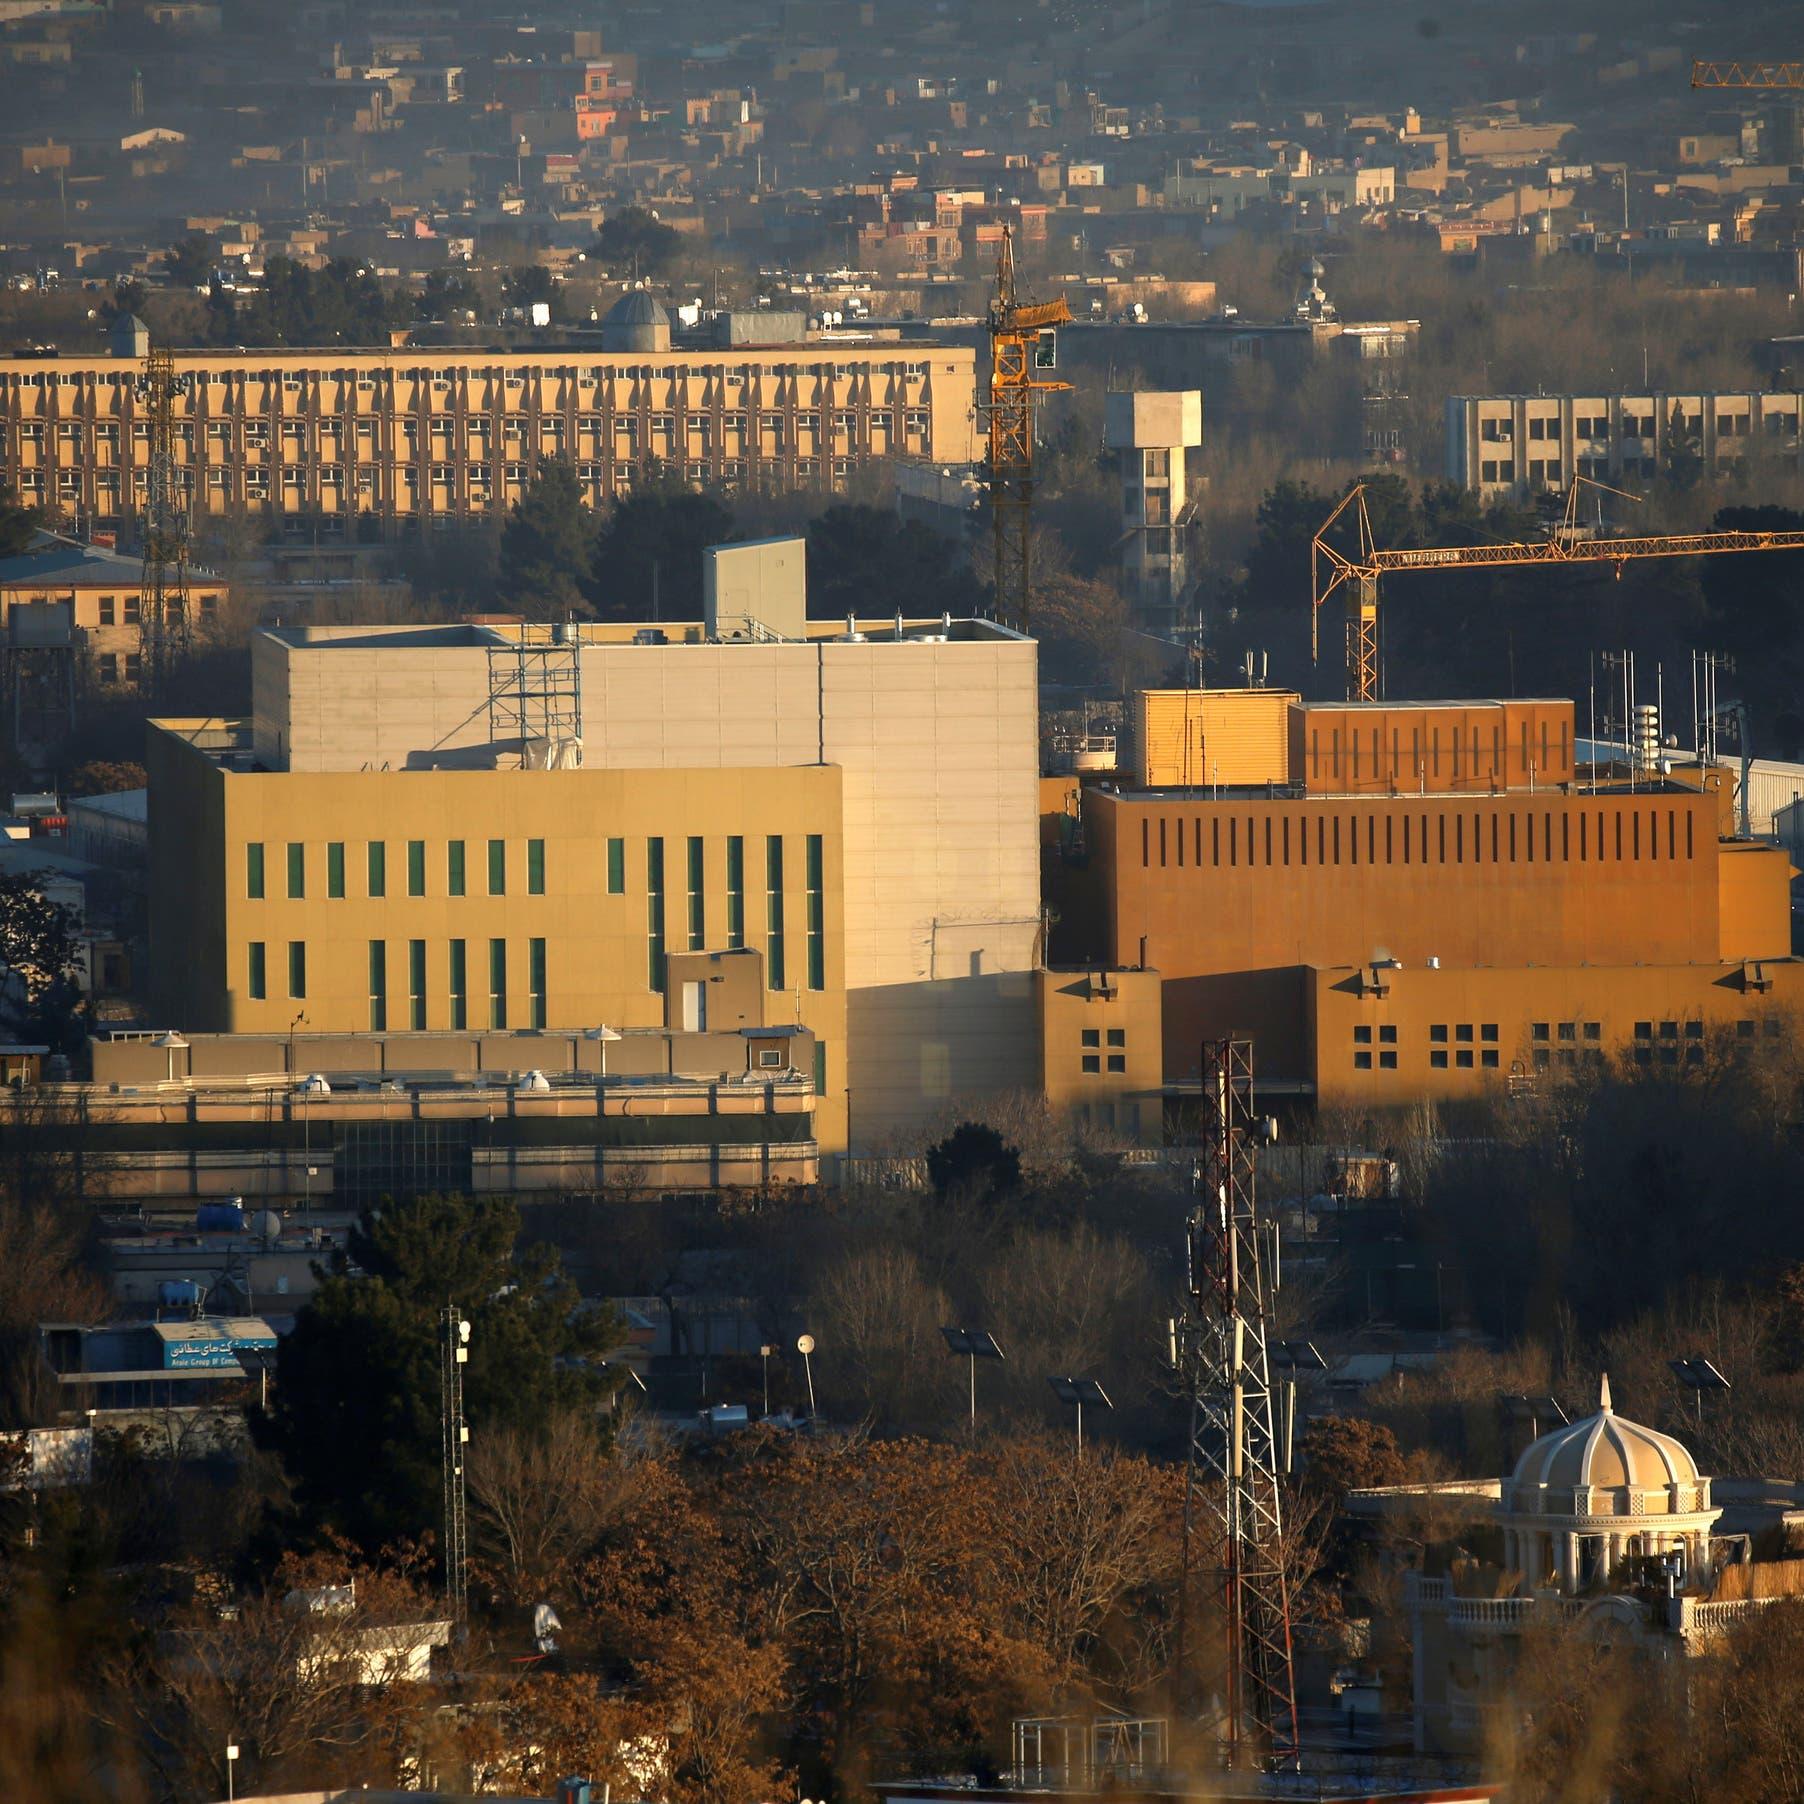 واشنطن تسحب موظفيها غير الأساسيين من سفارتها في كابل